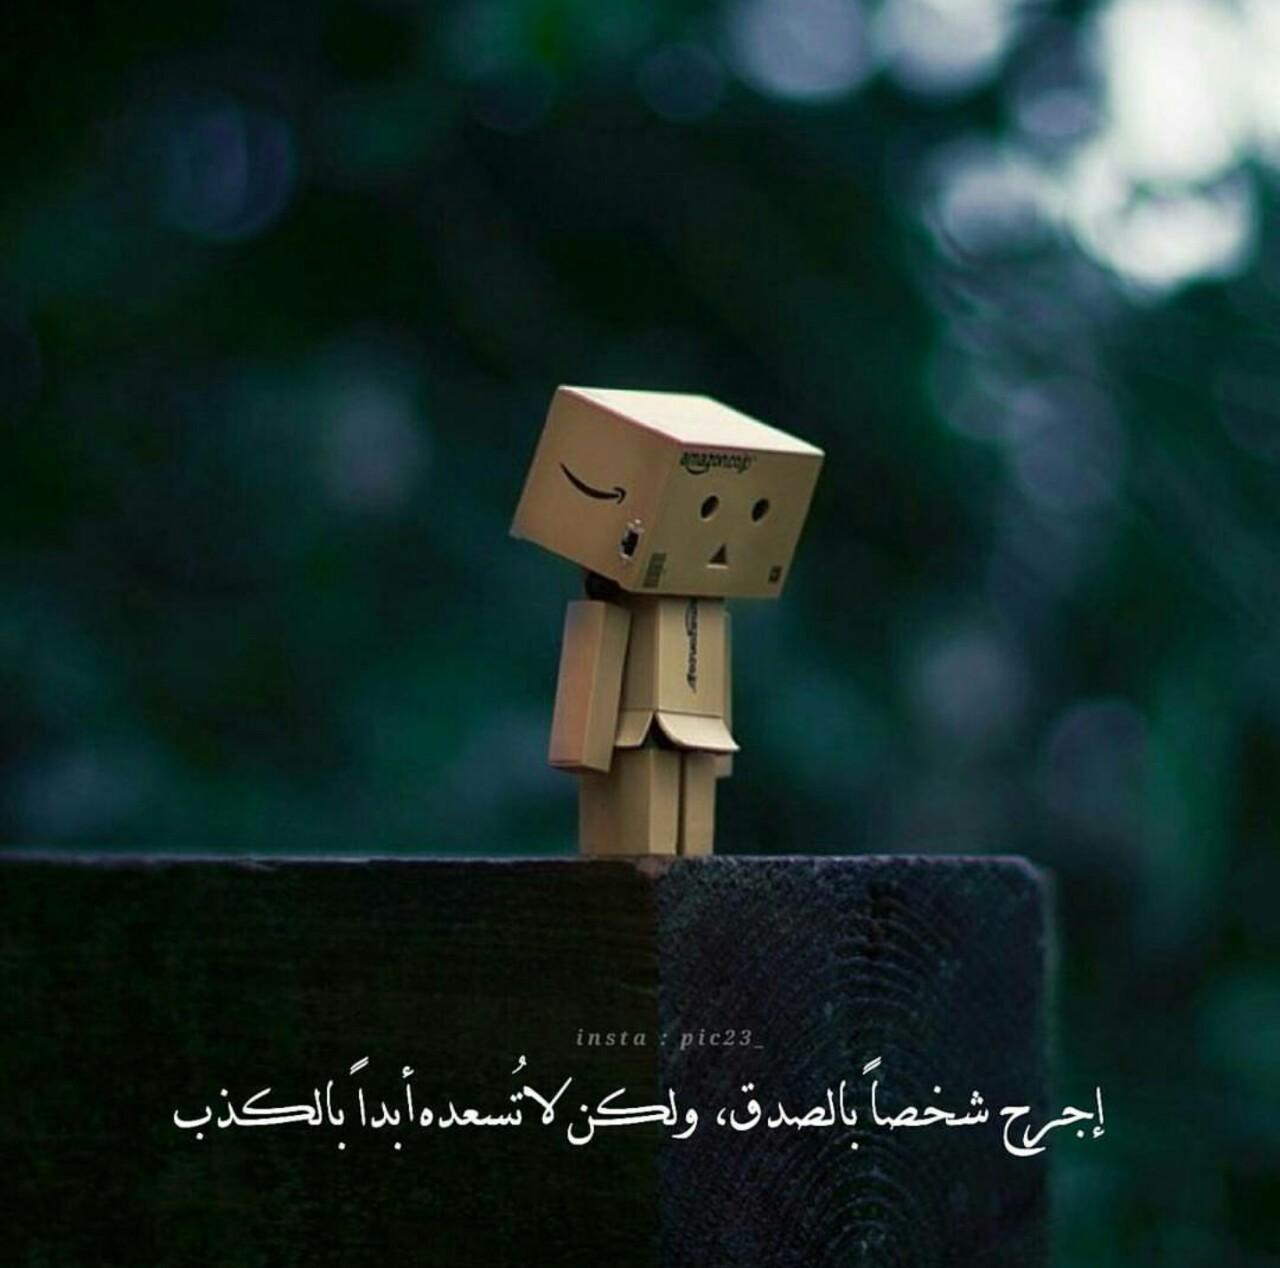 بالصور كلام حزن , اقوى الصور الحزينة جدا 2731 5